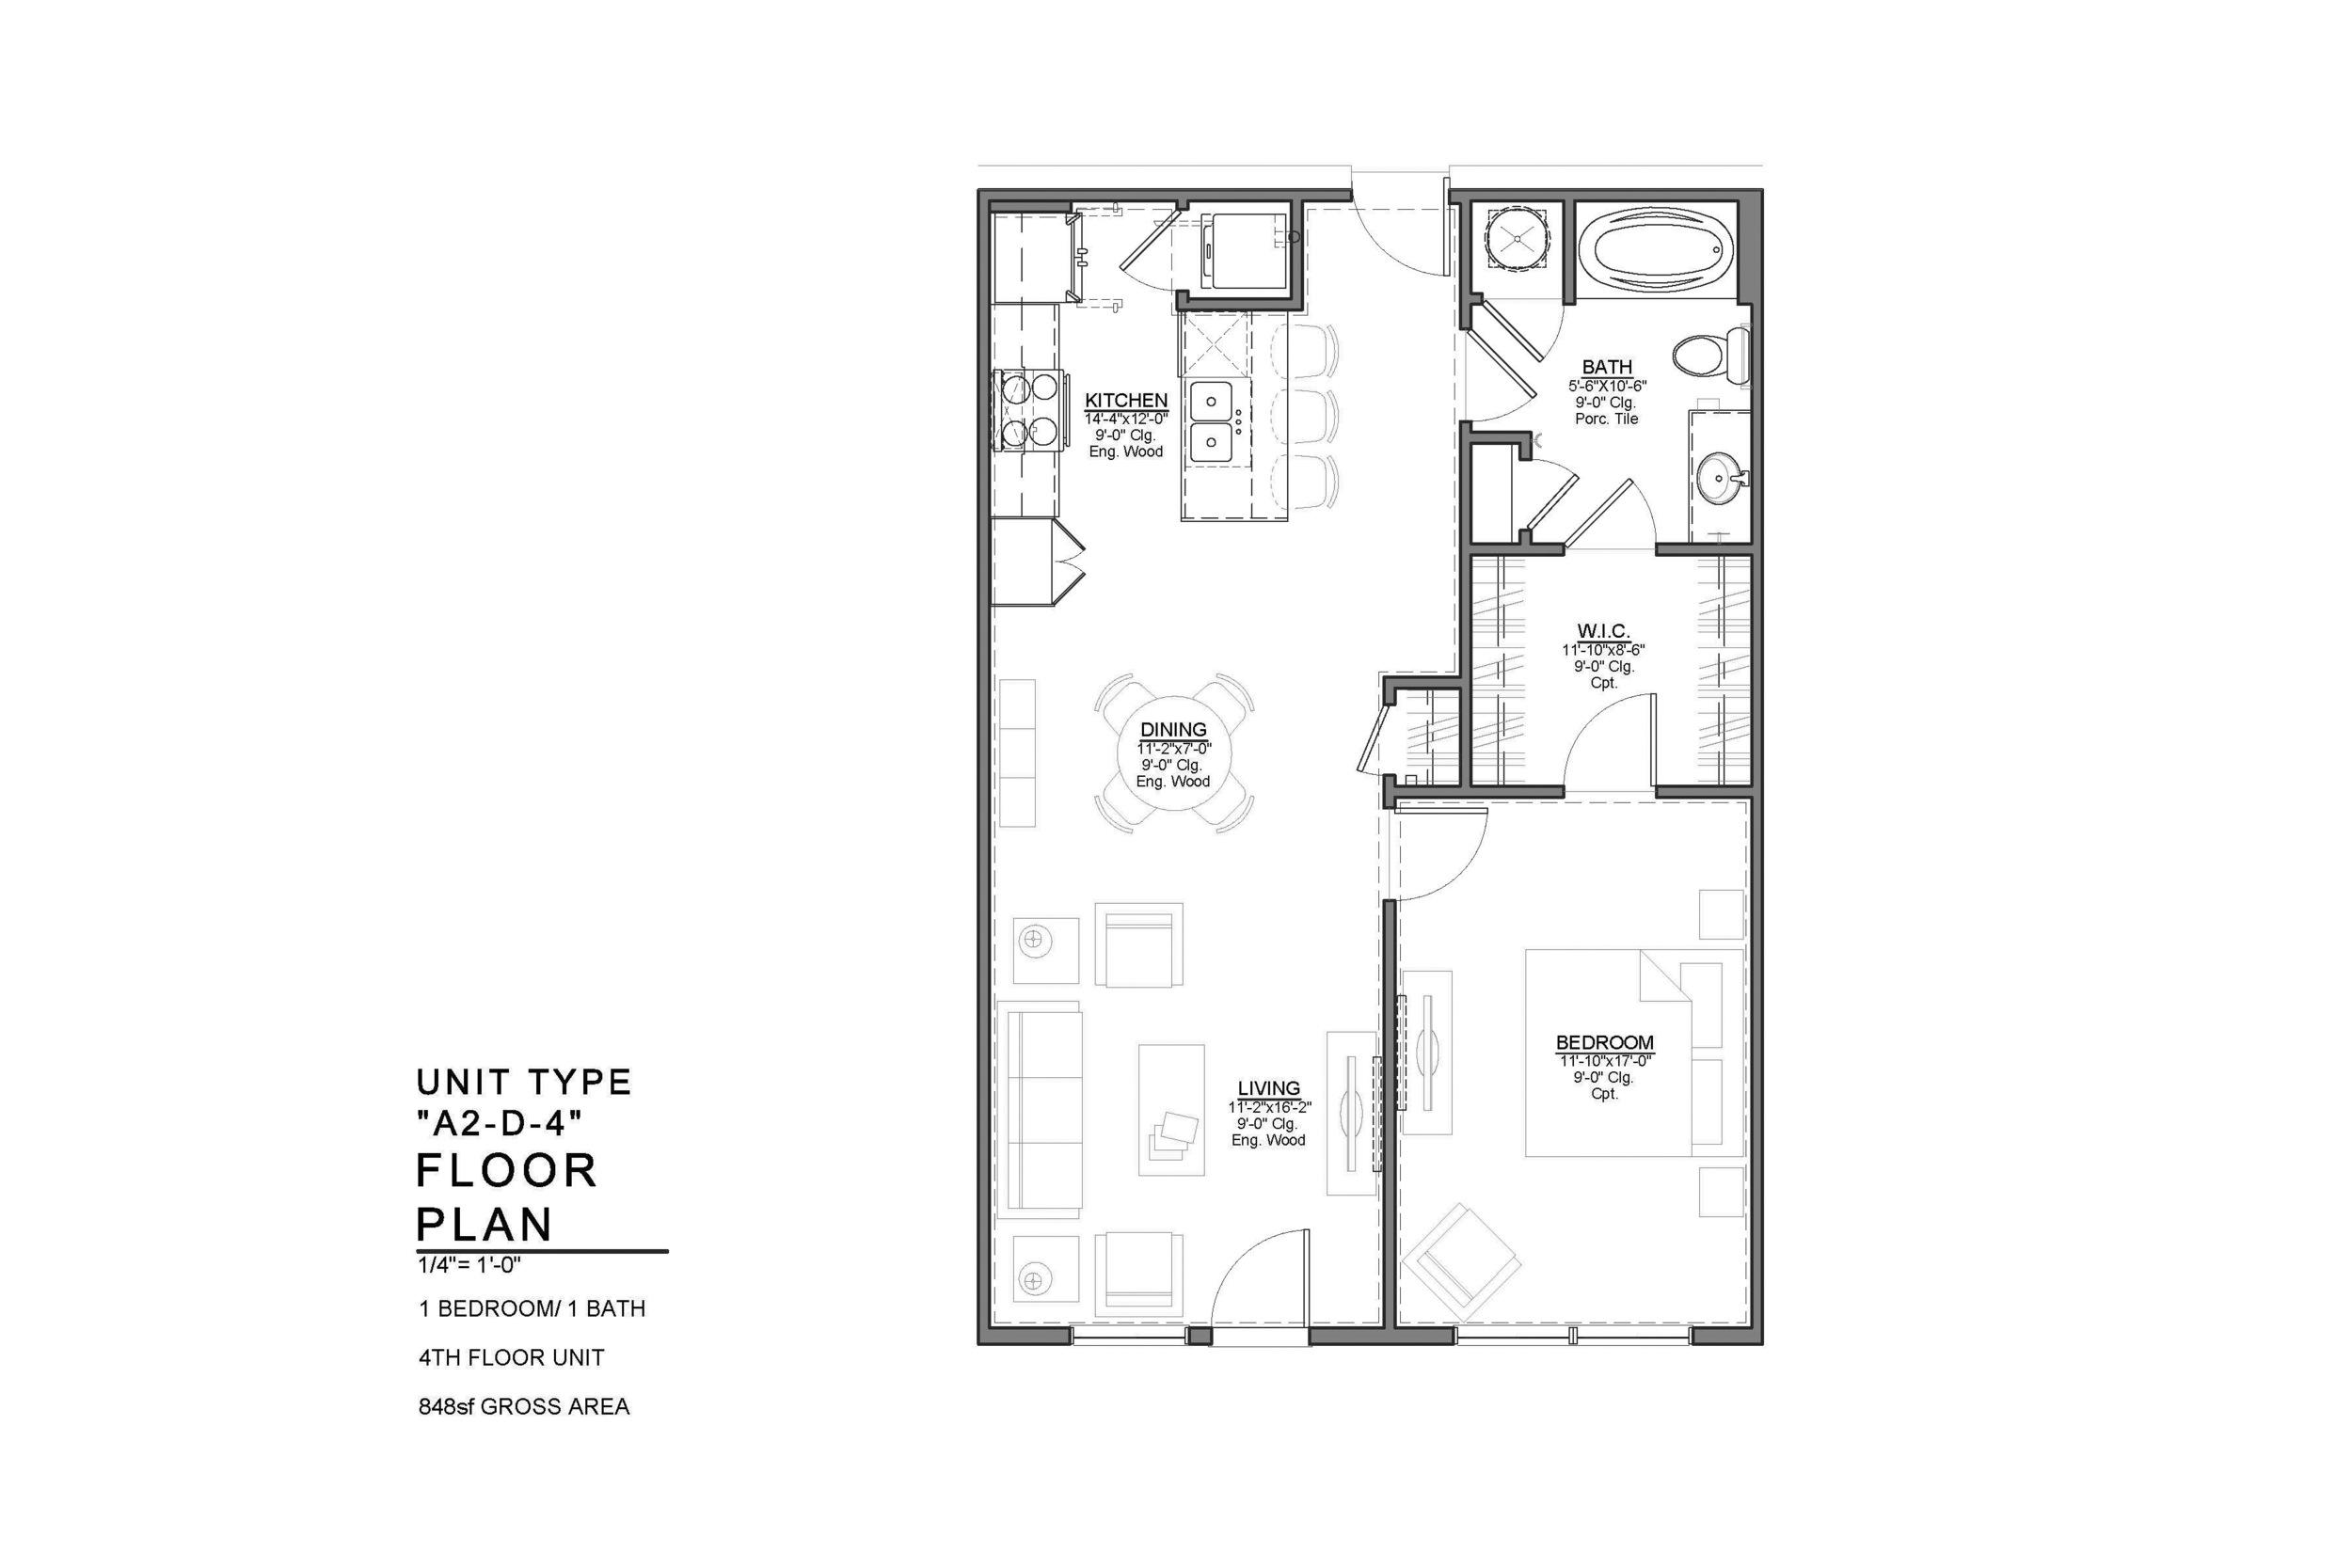 A2-D-4 FLOOR PLAN: 1 BEDROOM / 1 BATH